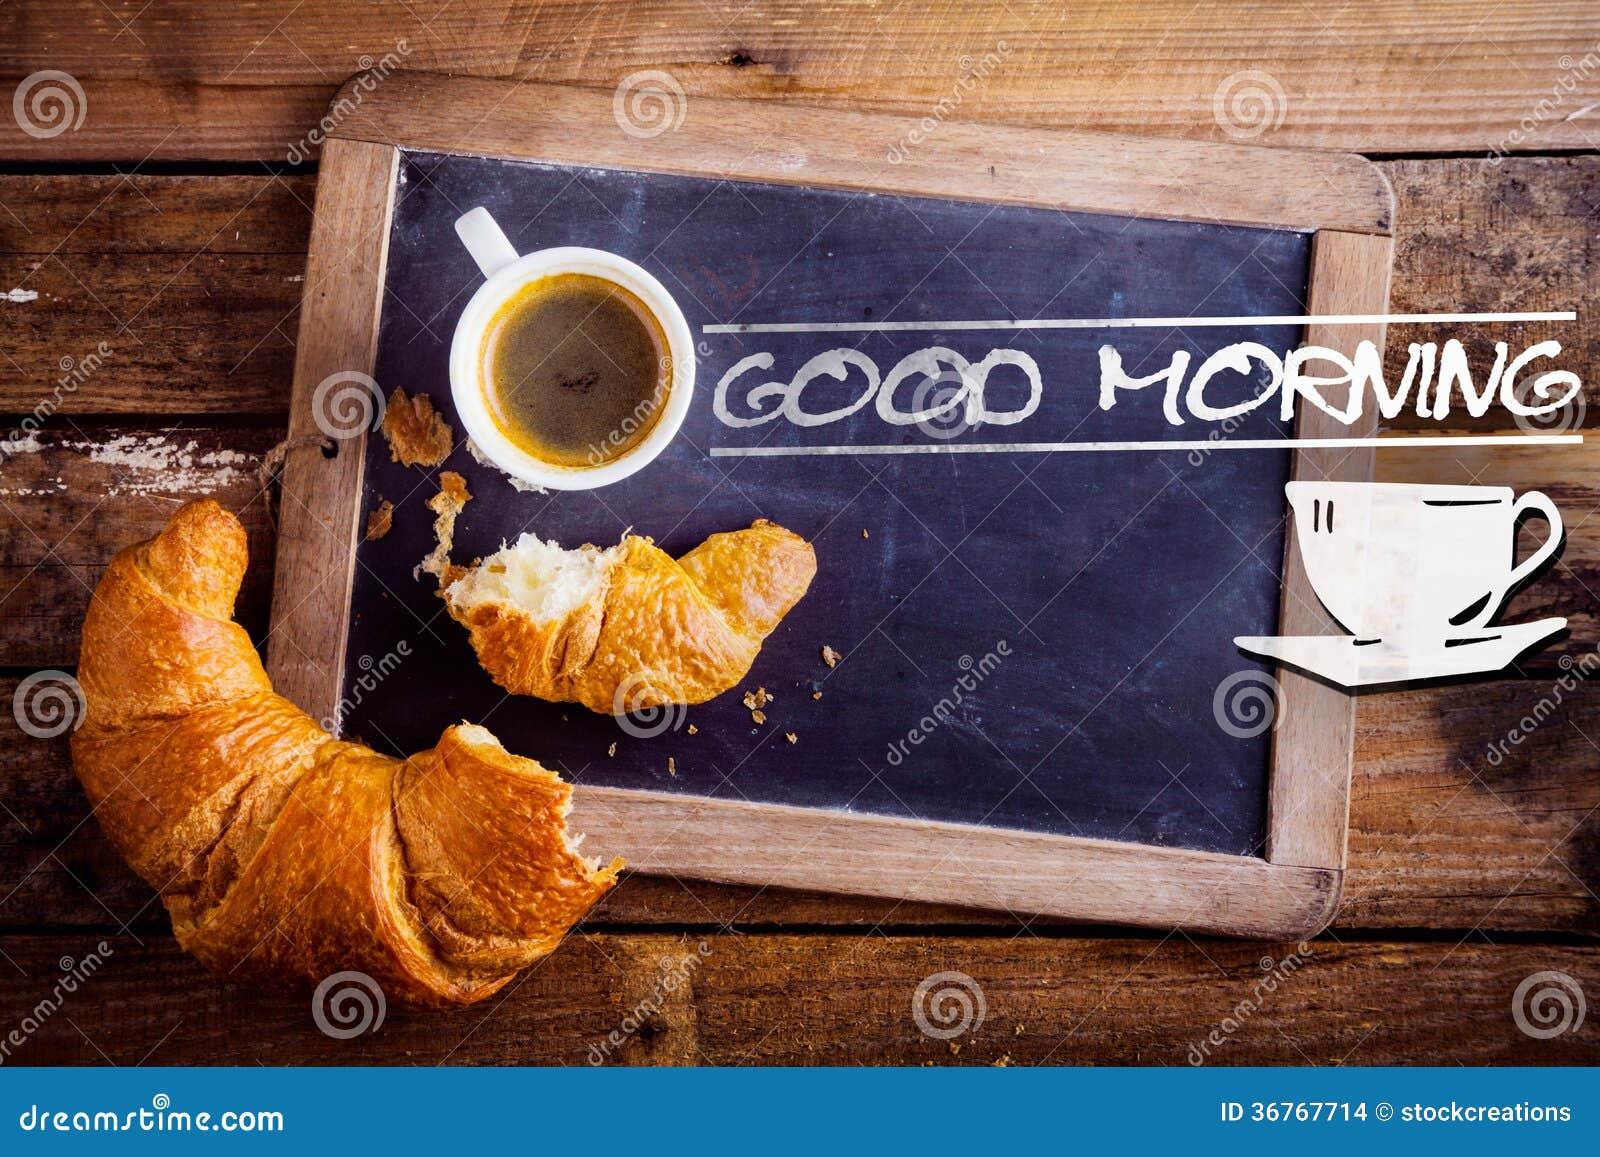 Goedemorgen met koffie en een croissant stock afbeeldingen afbeelding 36767714 - Hoek maaltijd ...